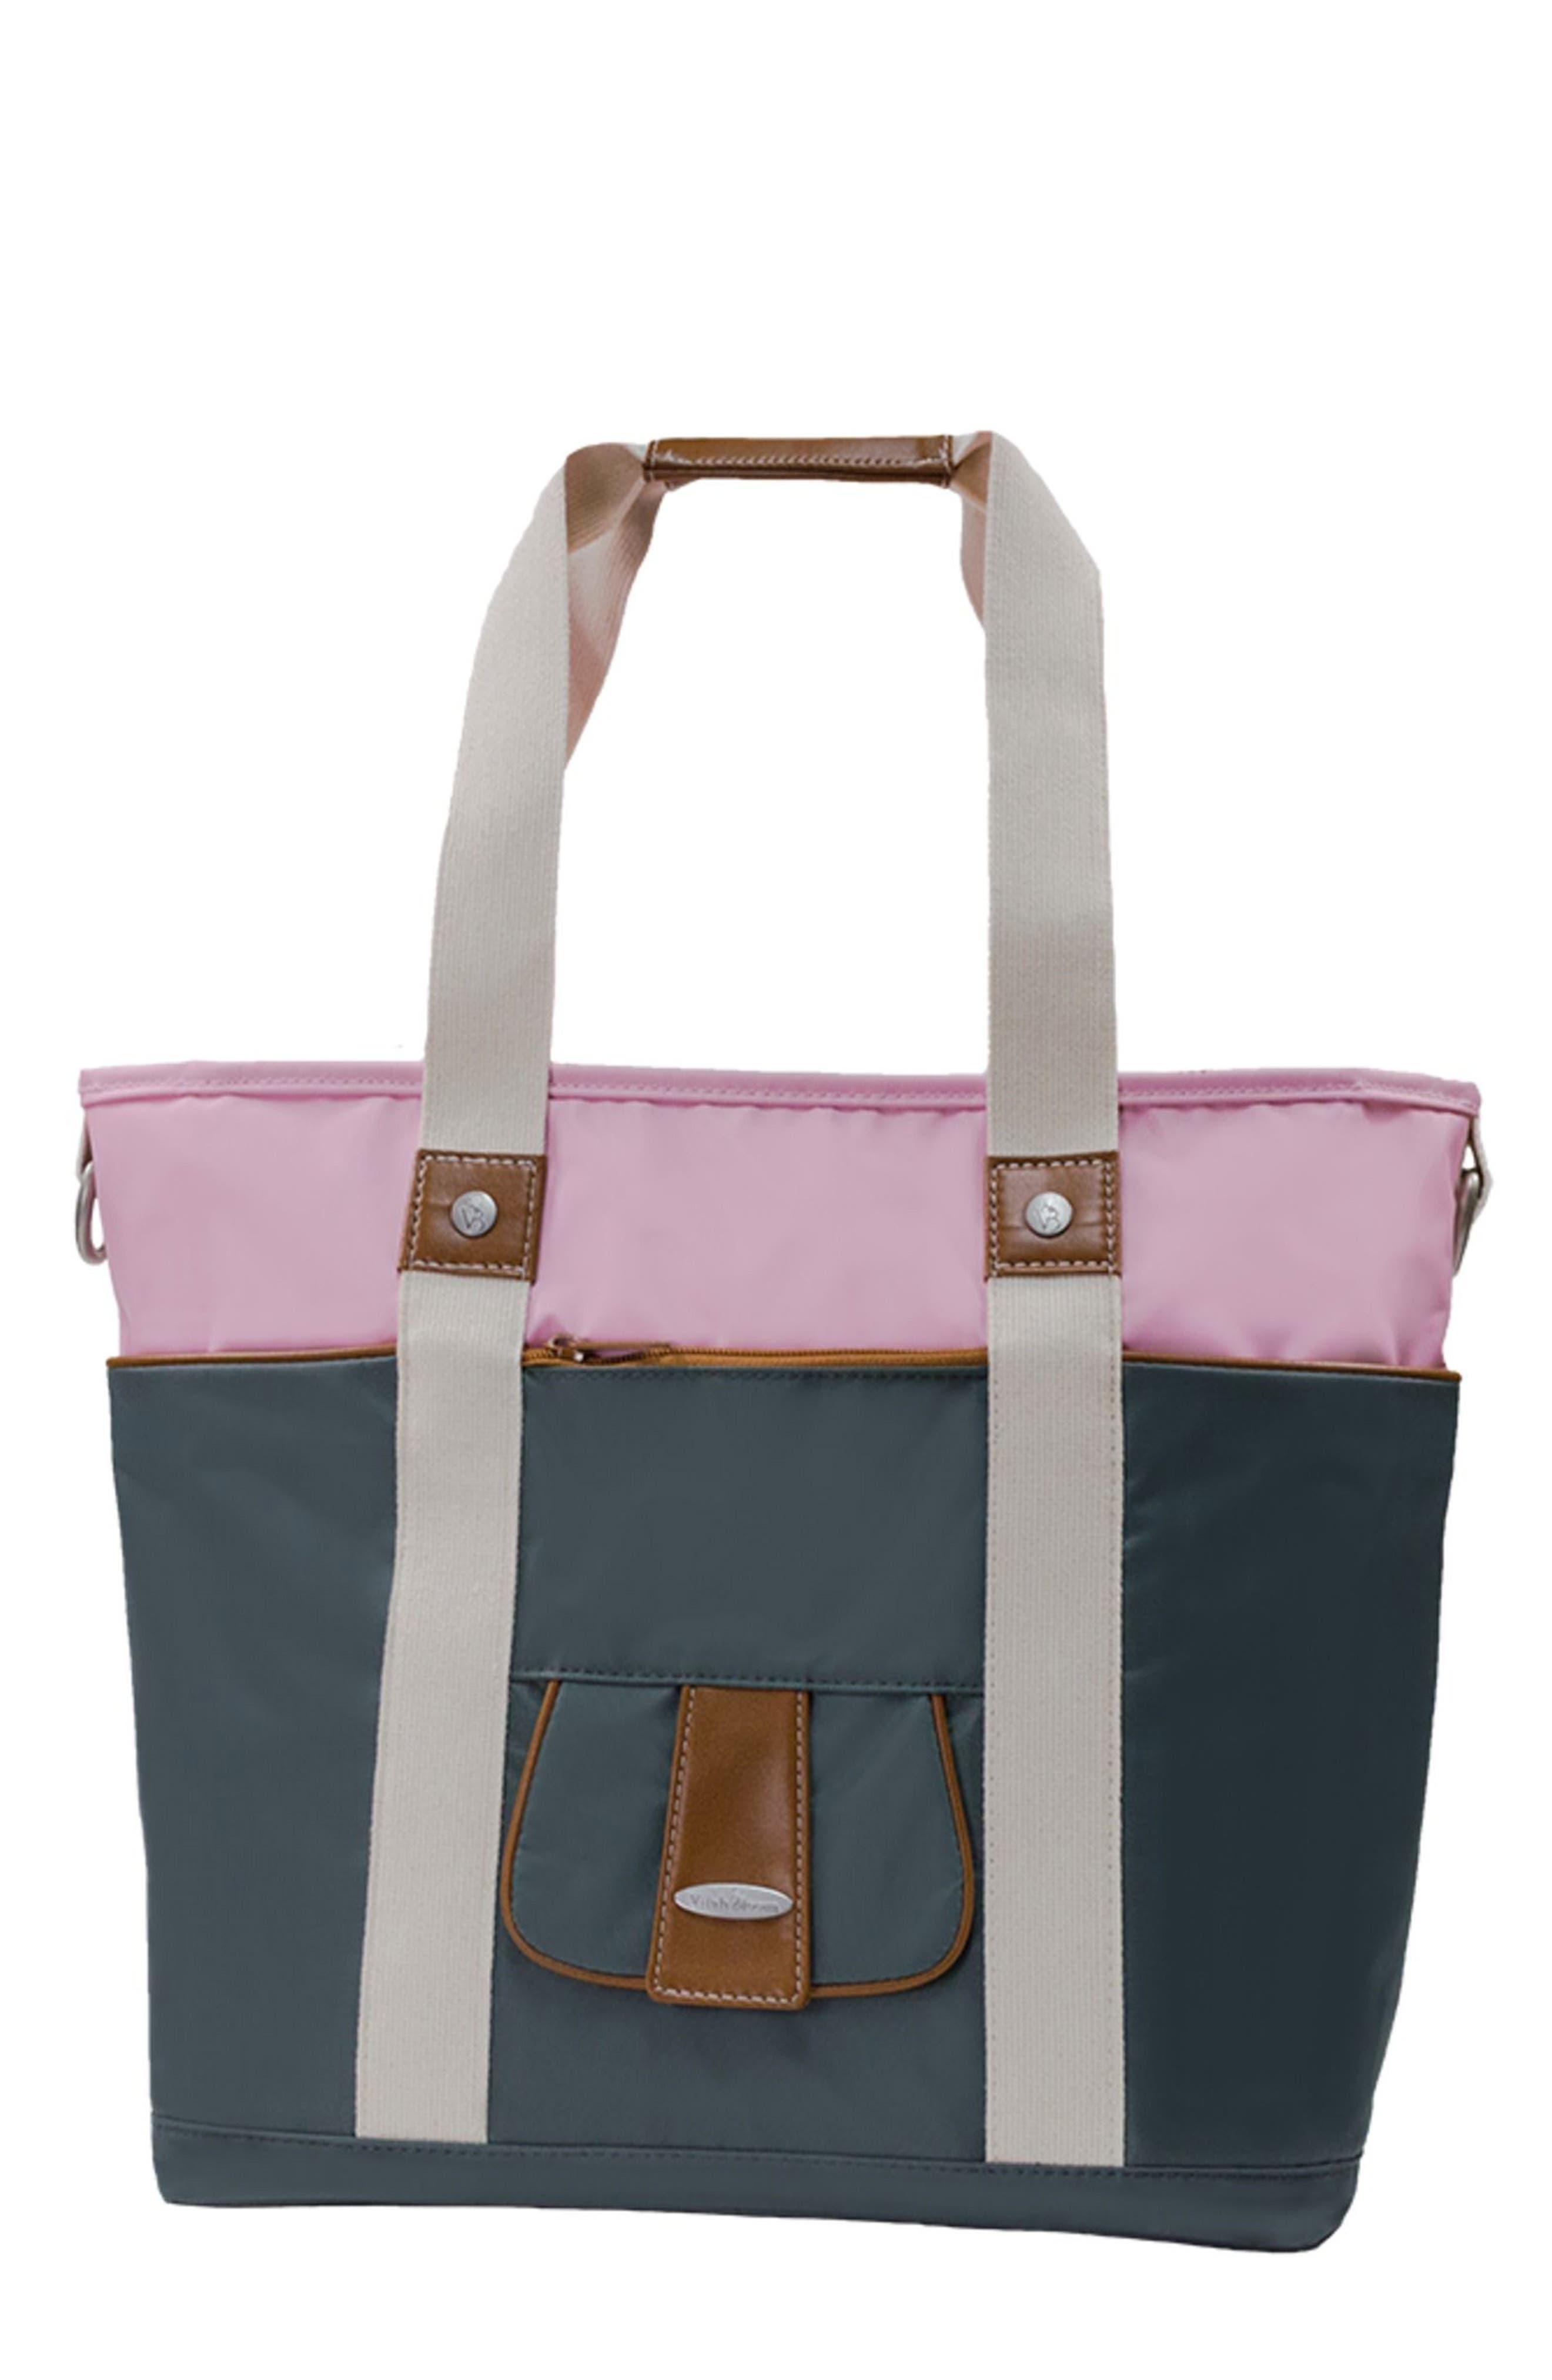 Alternate Image 1 Selected - Vilah Bloom Harbor Side Tote Diaper Bag